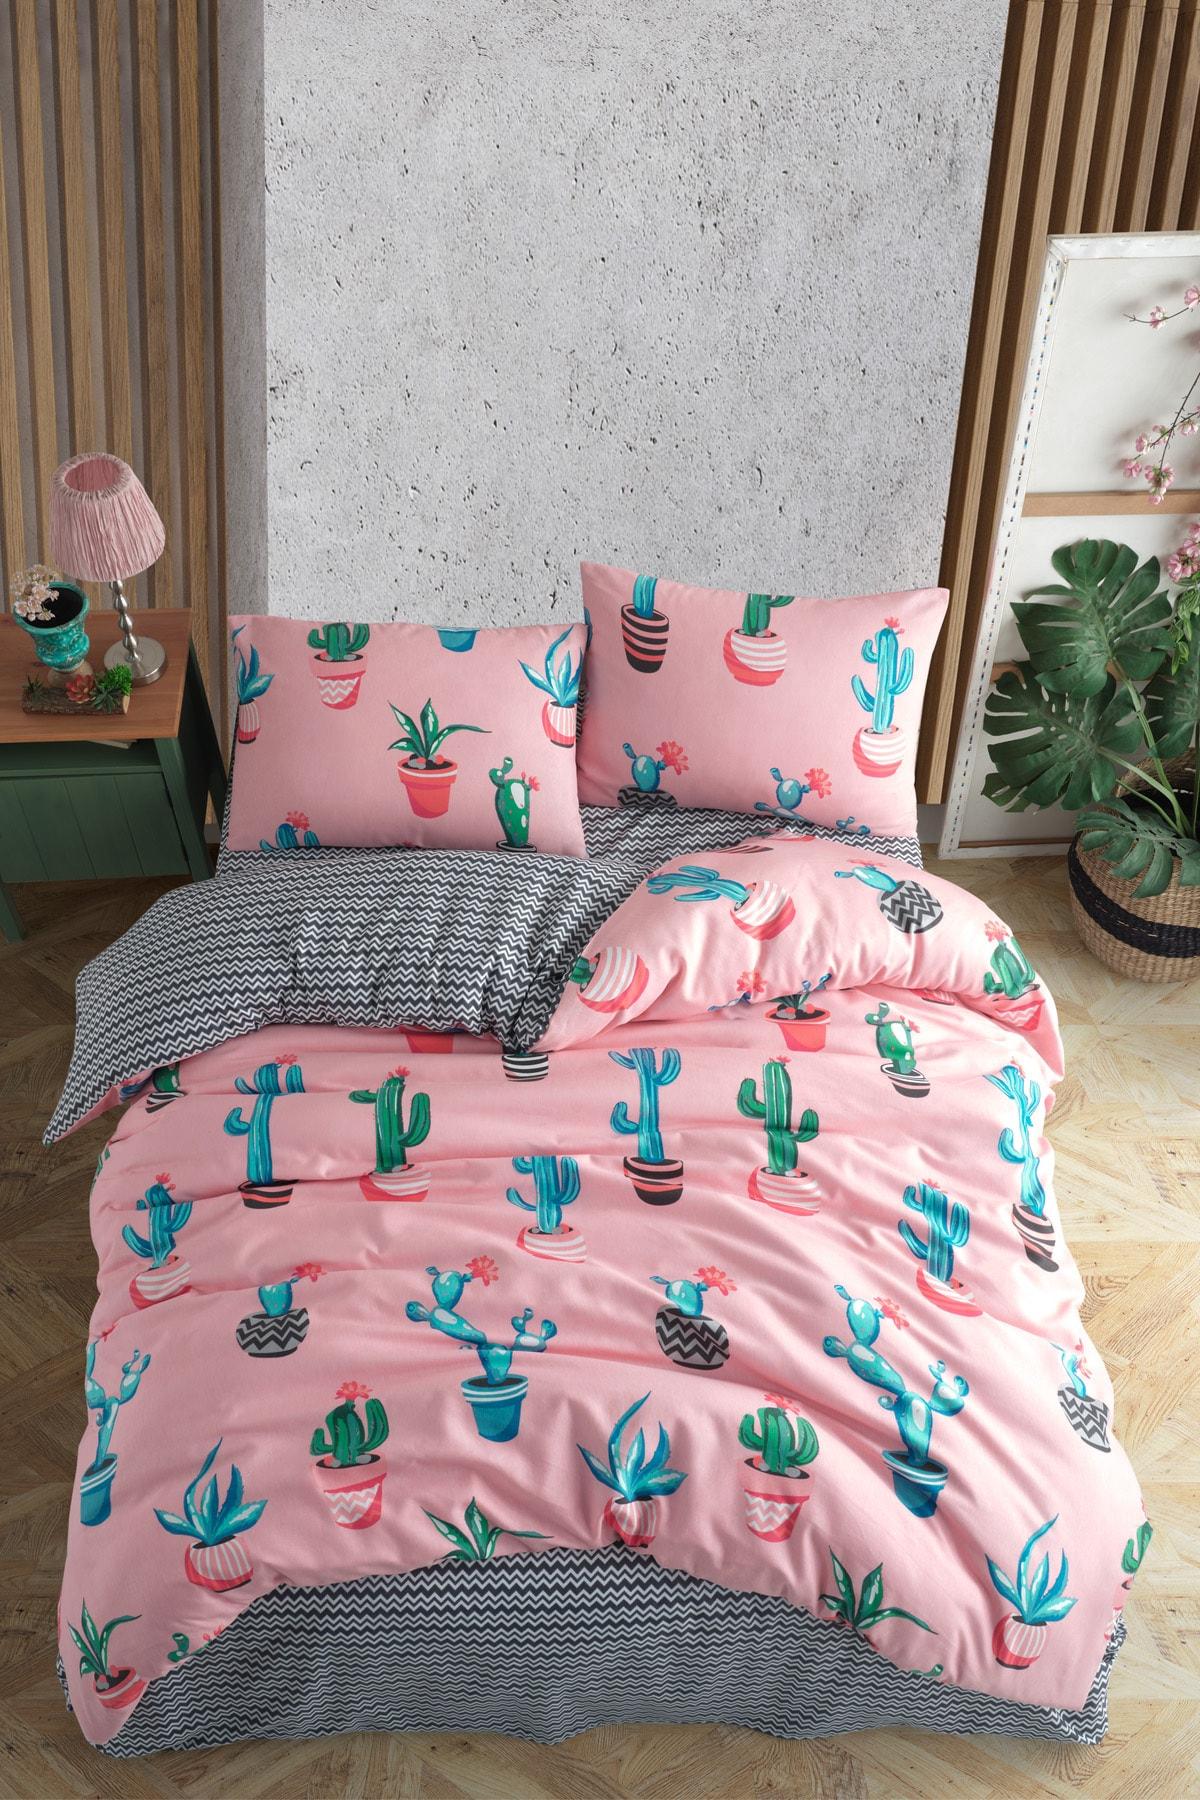 Cactus Çift Kişilik Kaktüs Desenli Nevresim Takımı